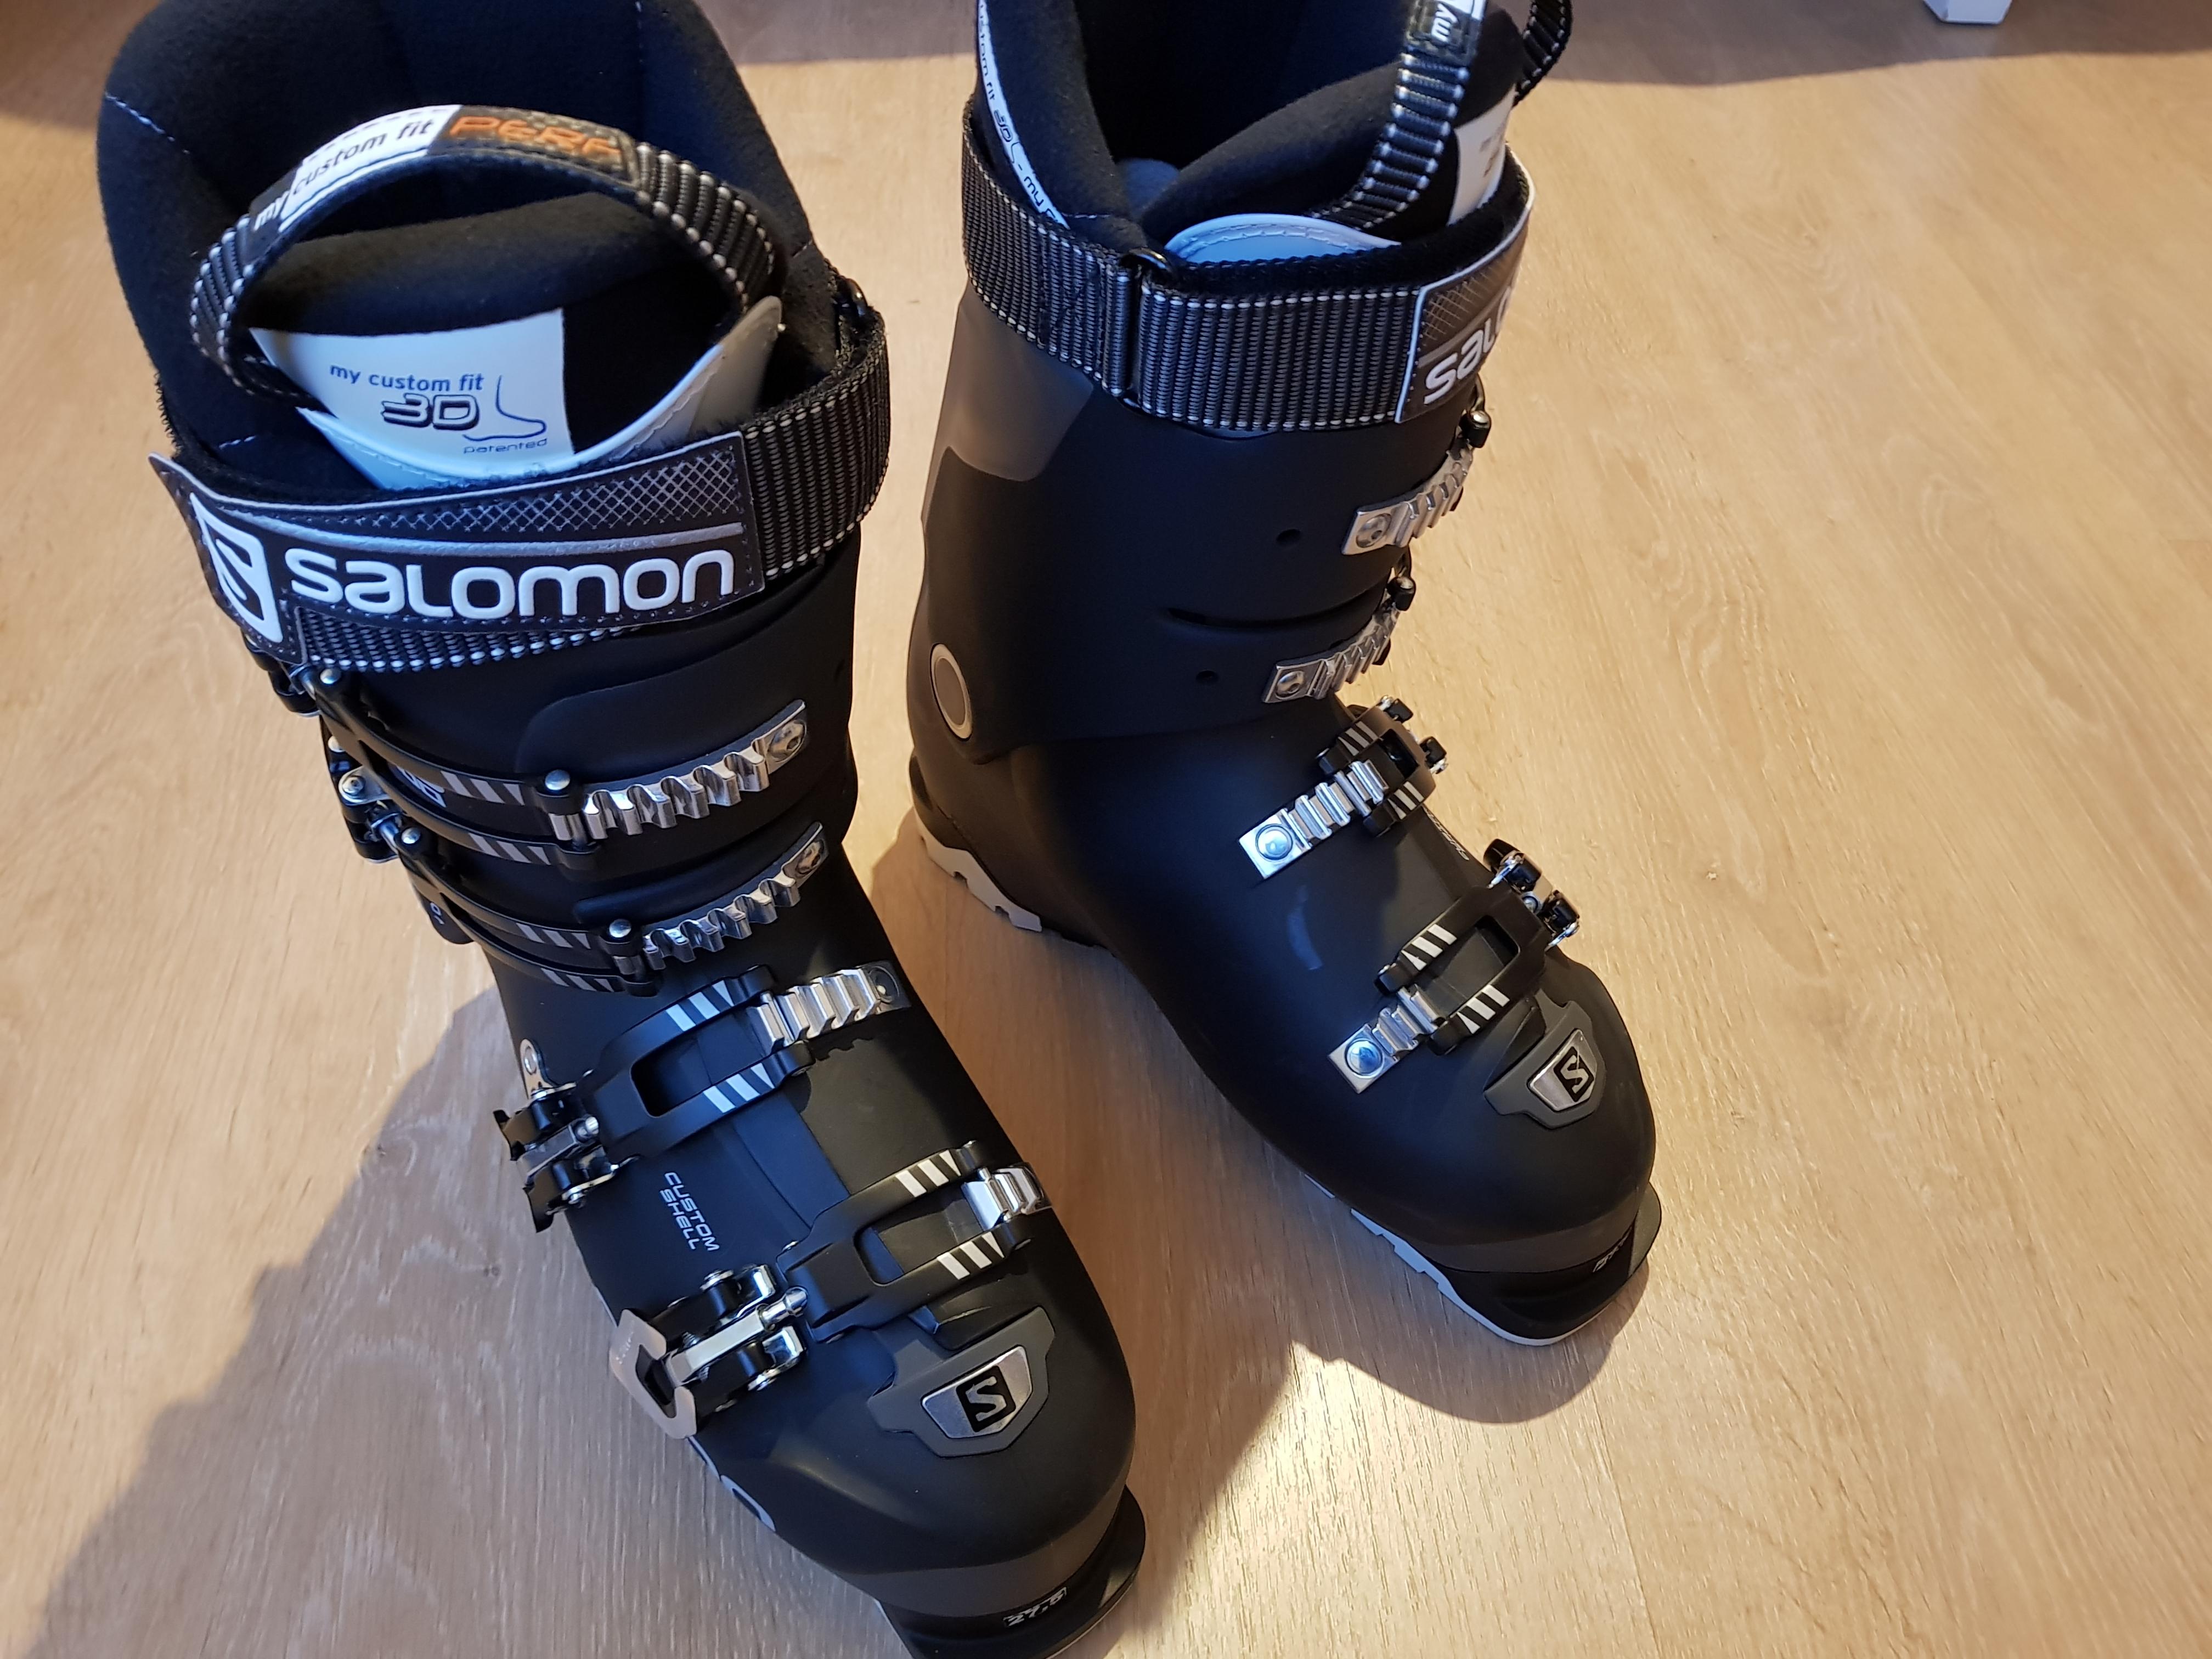 SALOMON X PRO 100 Anthracite Black. Lyžařské boty - Bazar - SNOW.CZ 0b17663edb